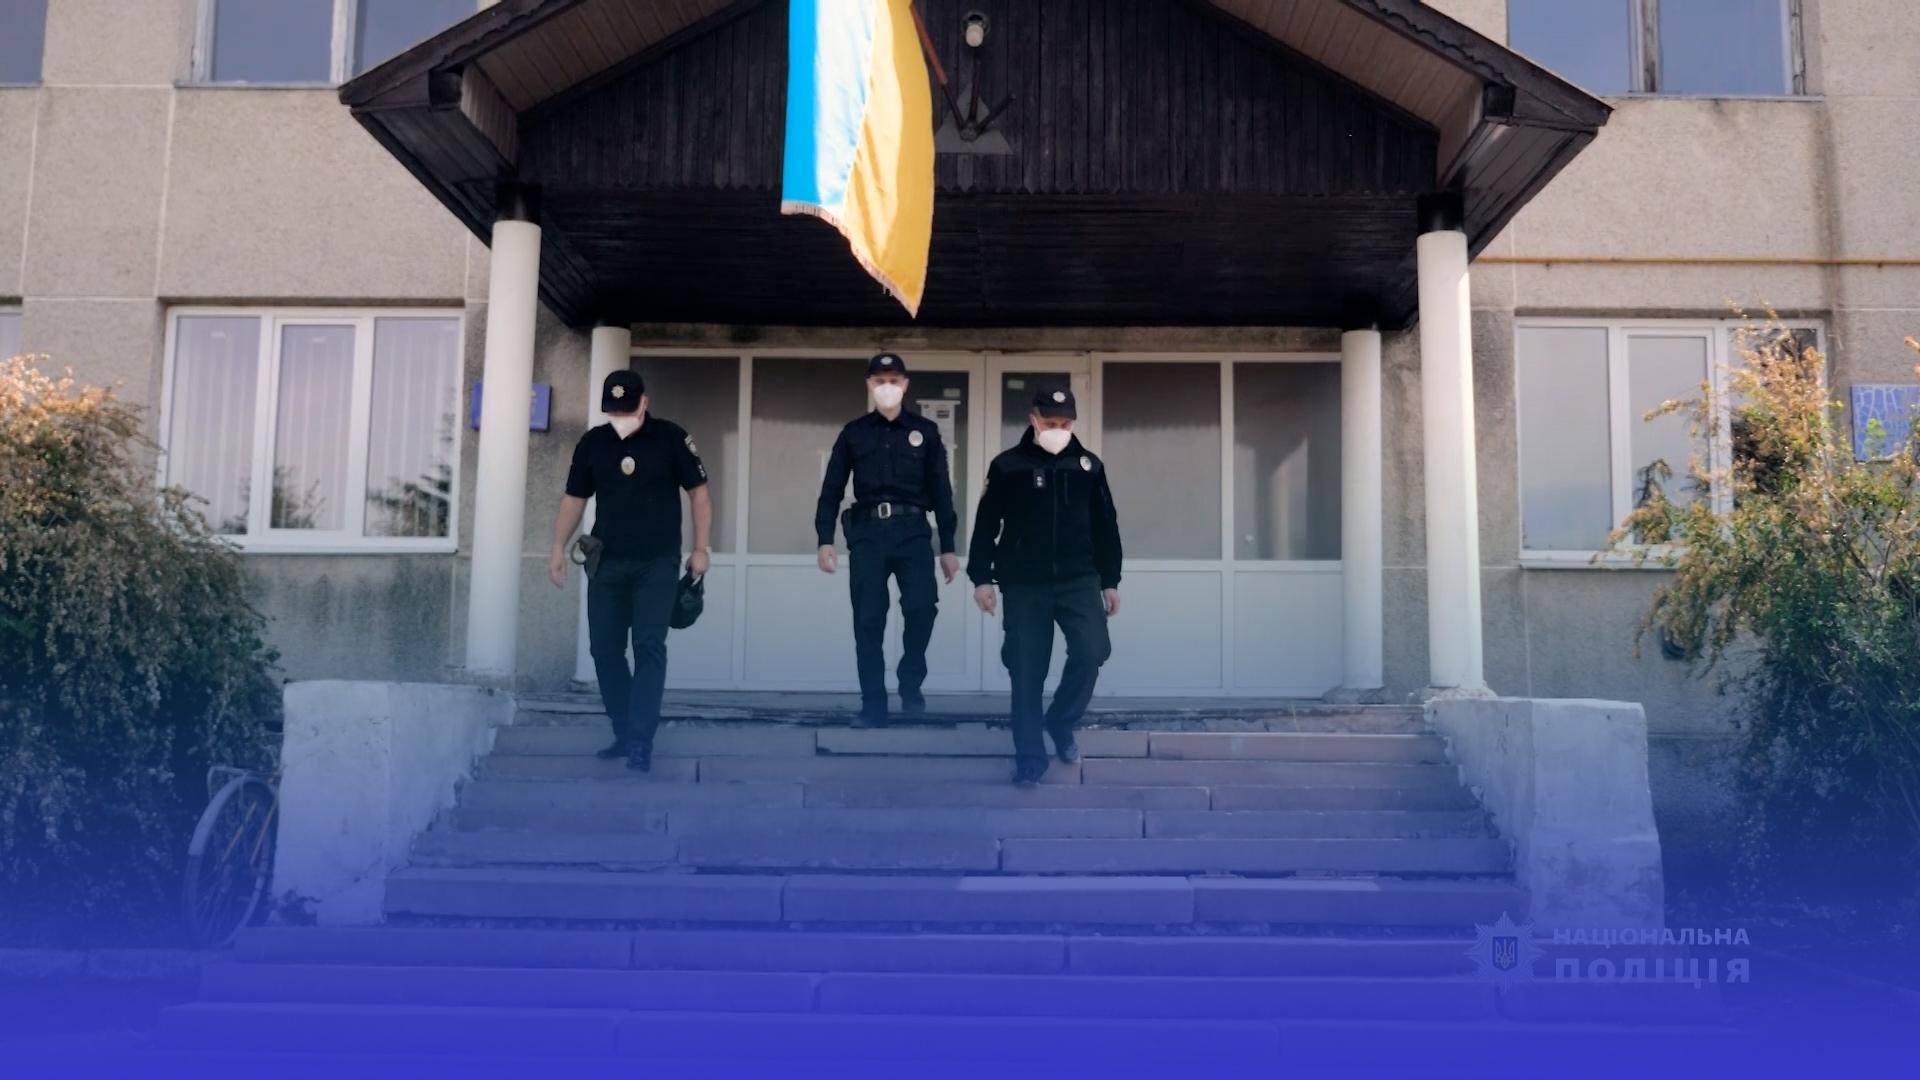 Сьогодні професійне свято відзначають 150 дільничних офіцерів поліції Тернопілля